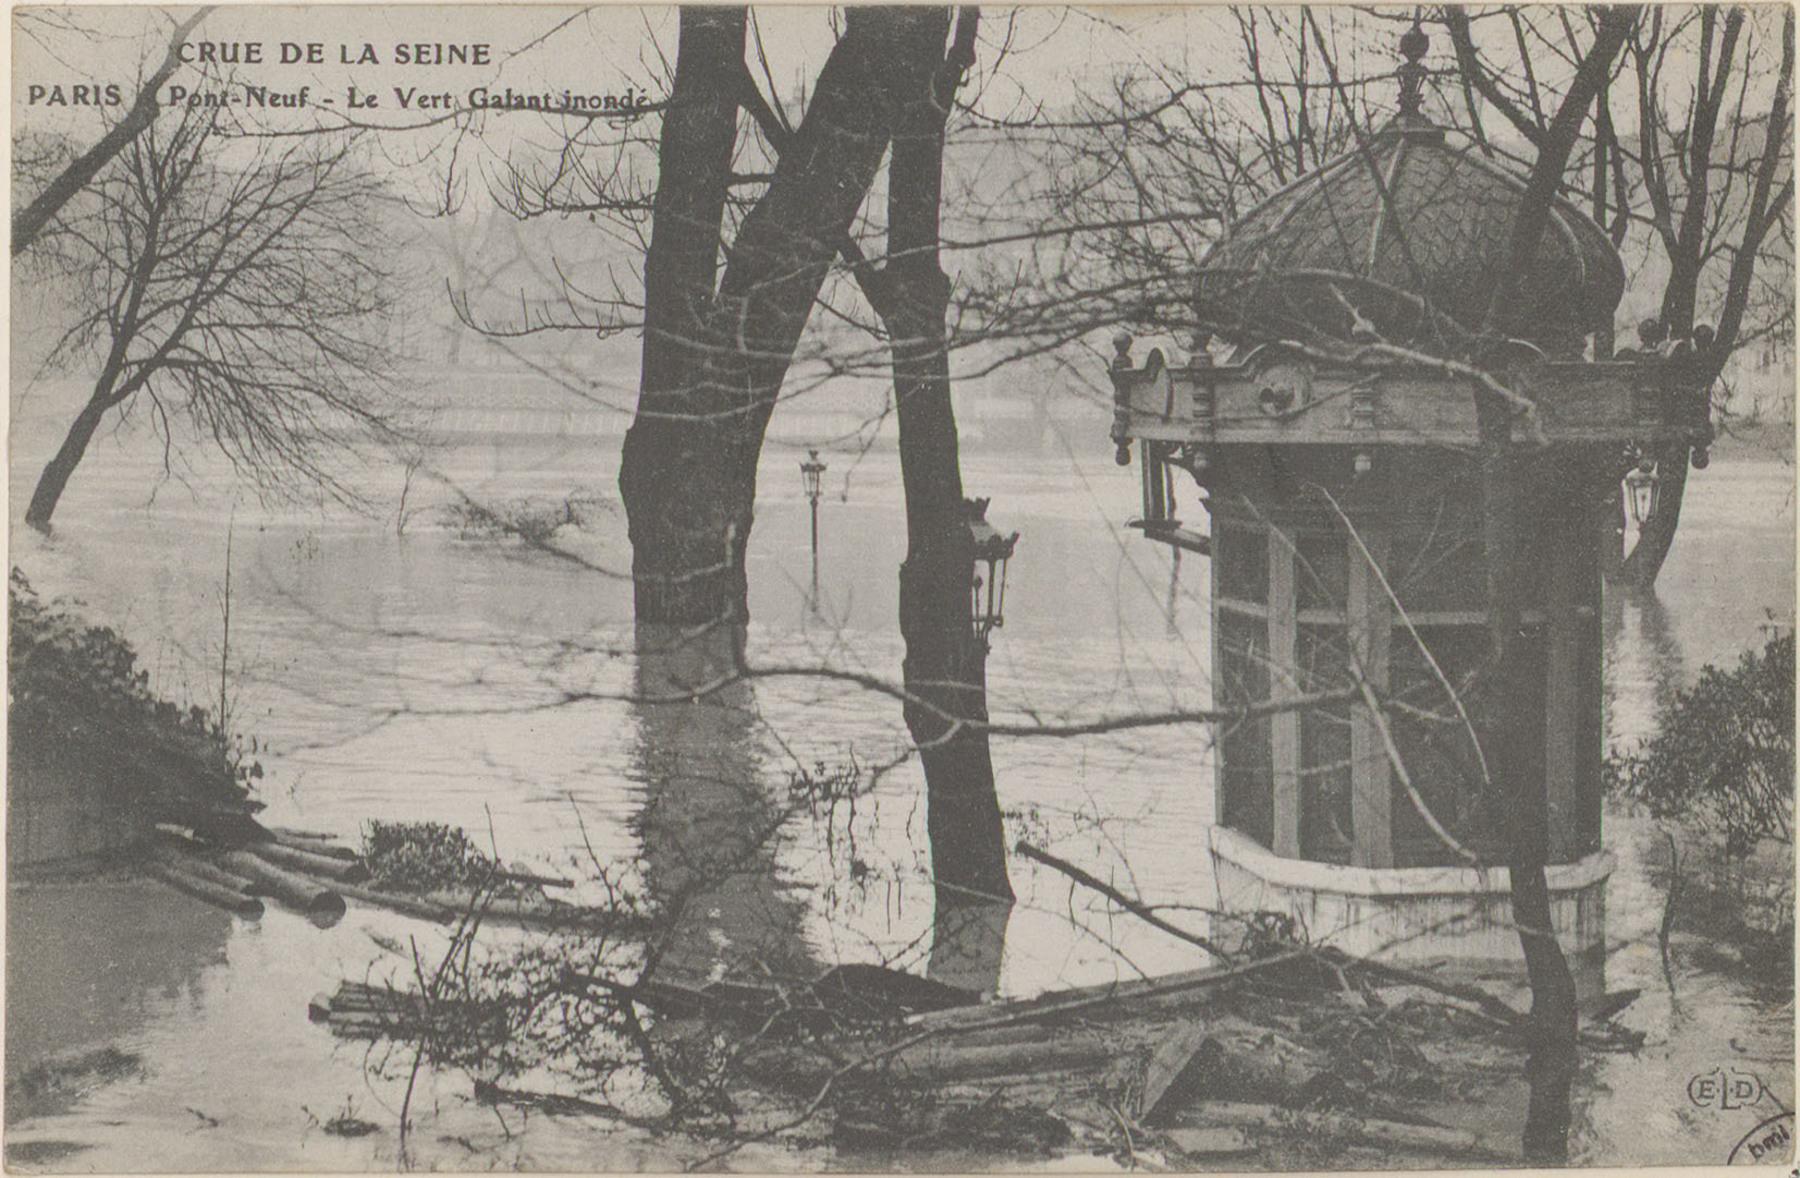 Contenu du Paris, Pont-Neuf, Le Vert galant inondé